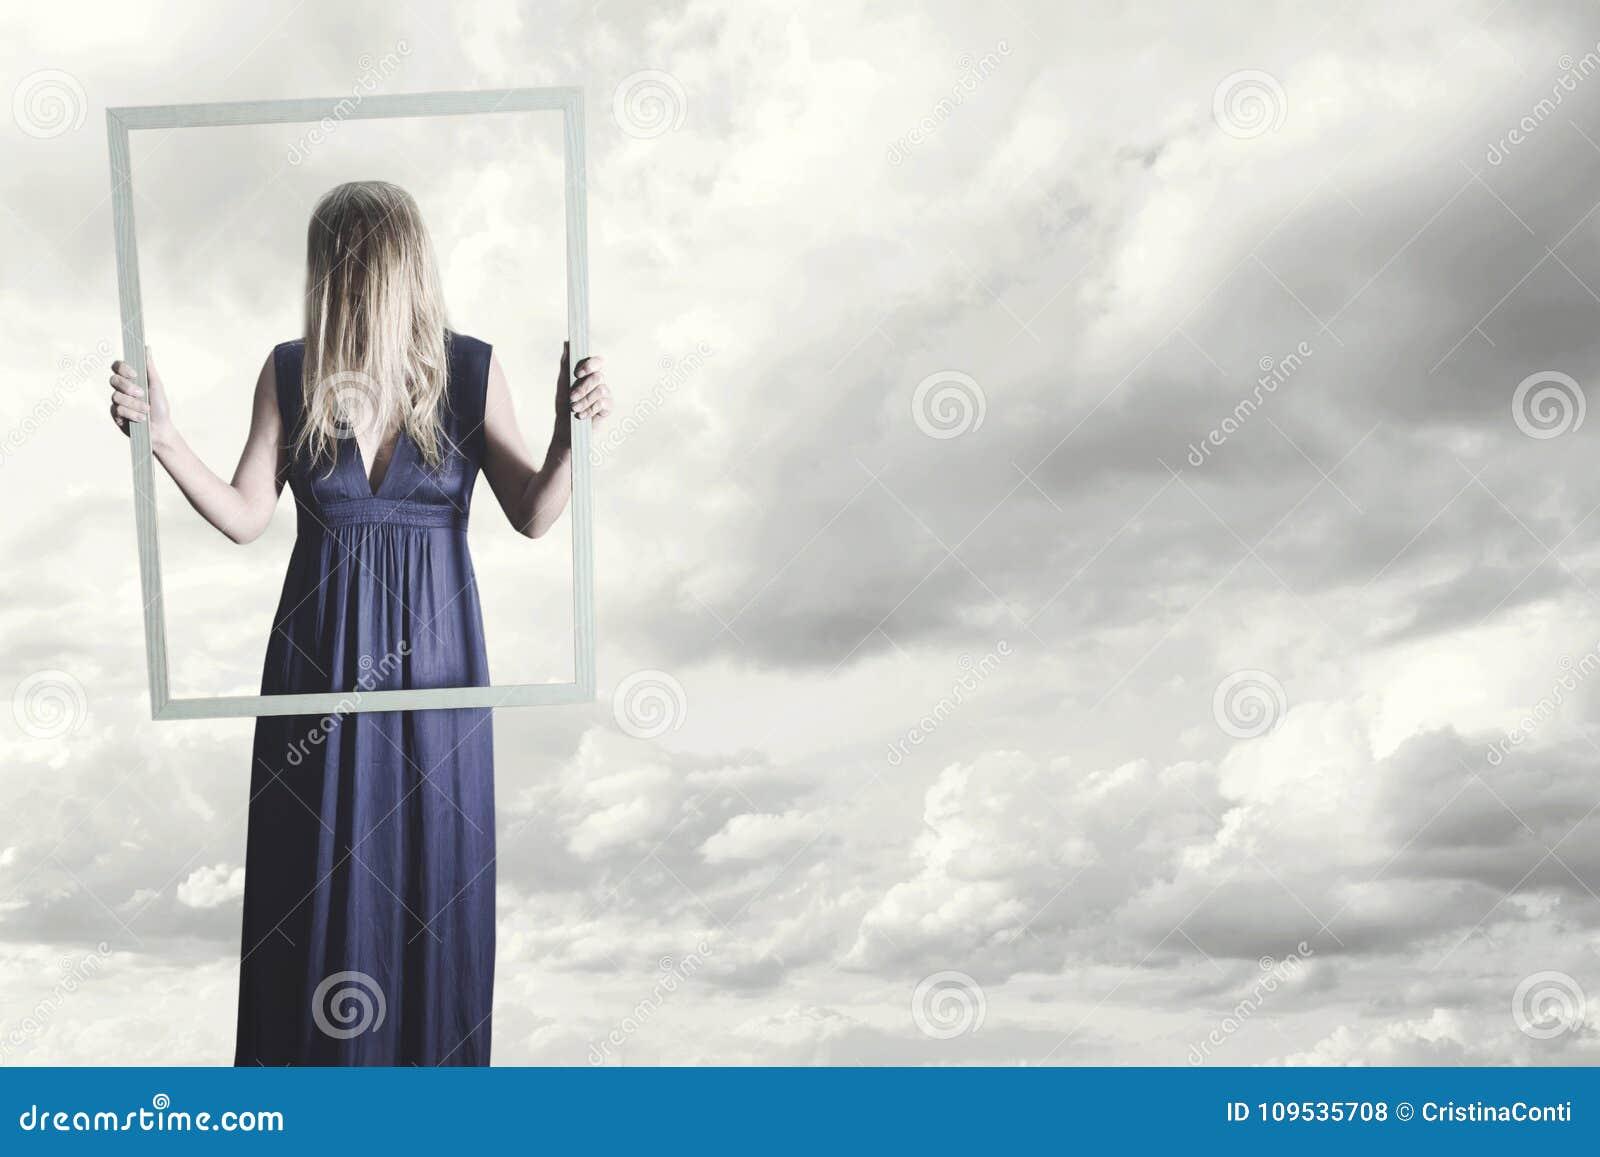 La Donna Si Mostra Nel Telaio Di Una Pittura Con I Suoi ...